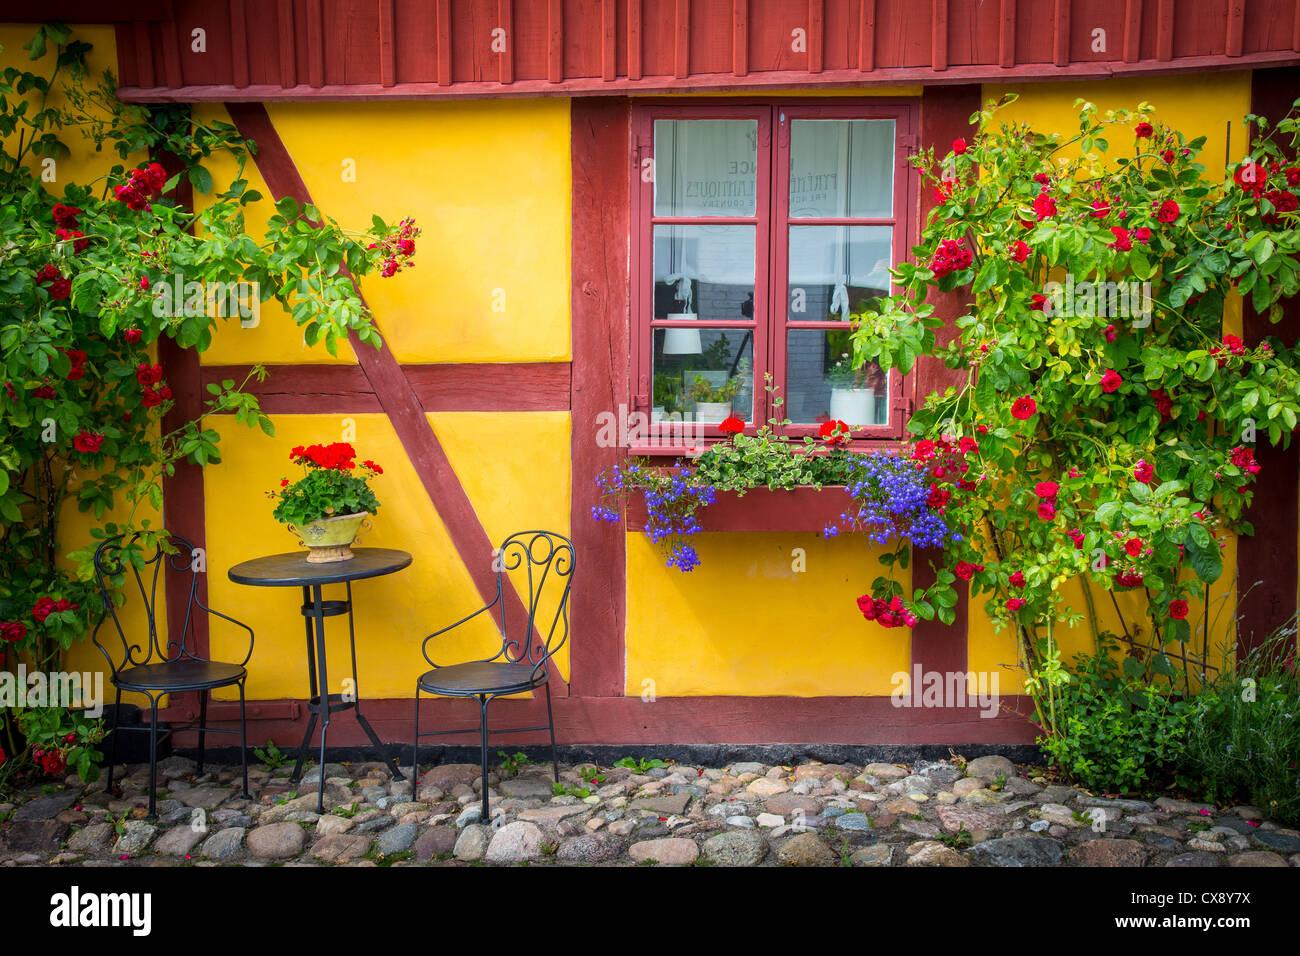 Traditionelles Gebäude typisch für die südlichen Provinz Skåne in Schweden Stockbild